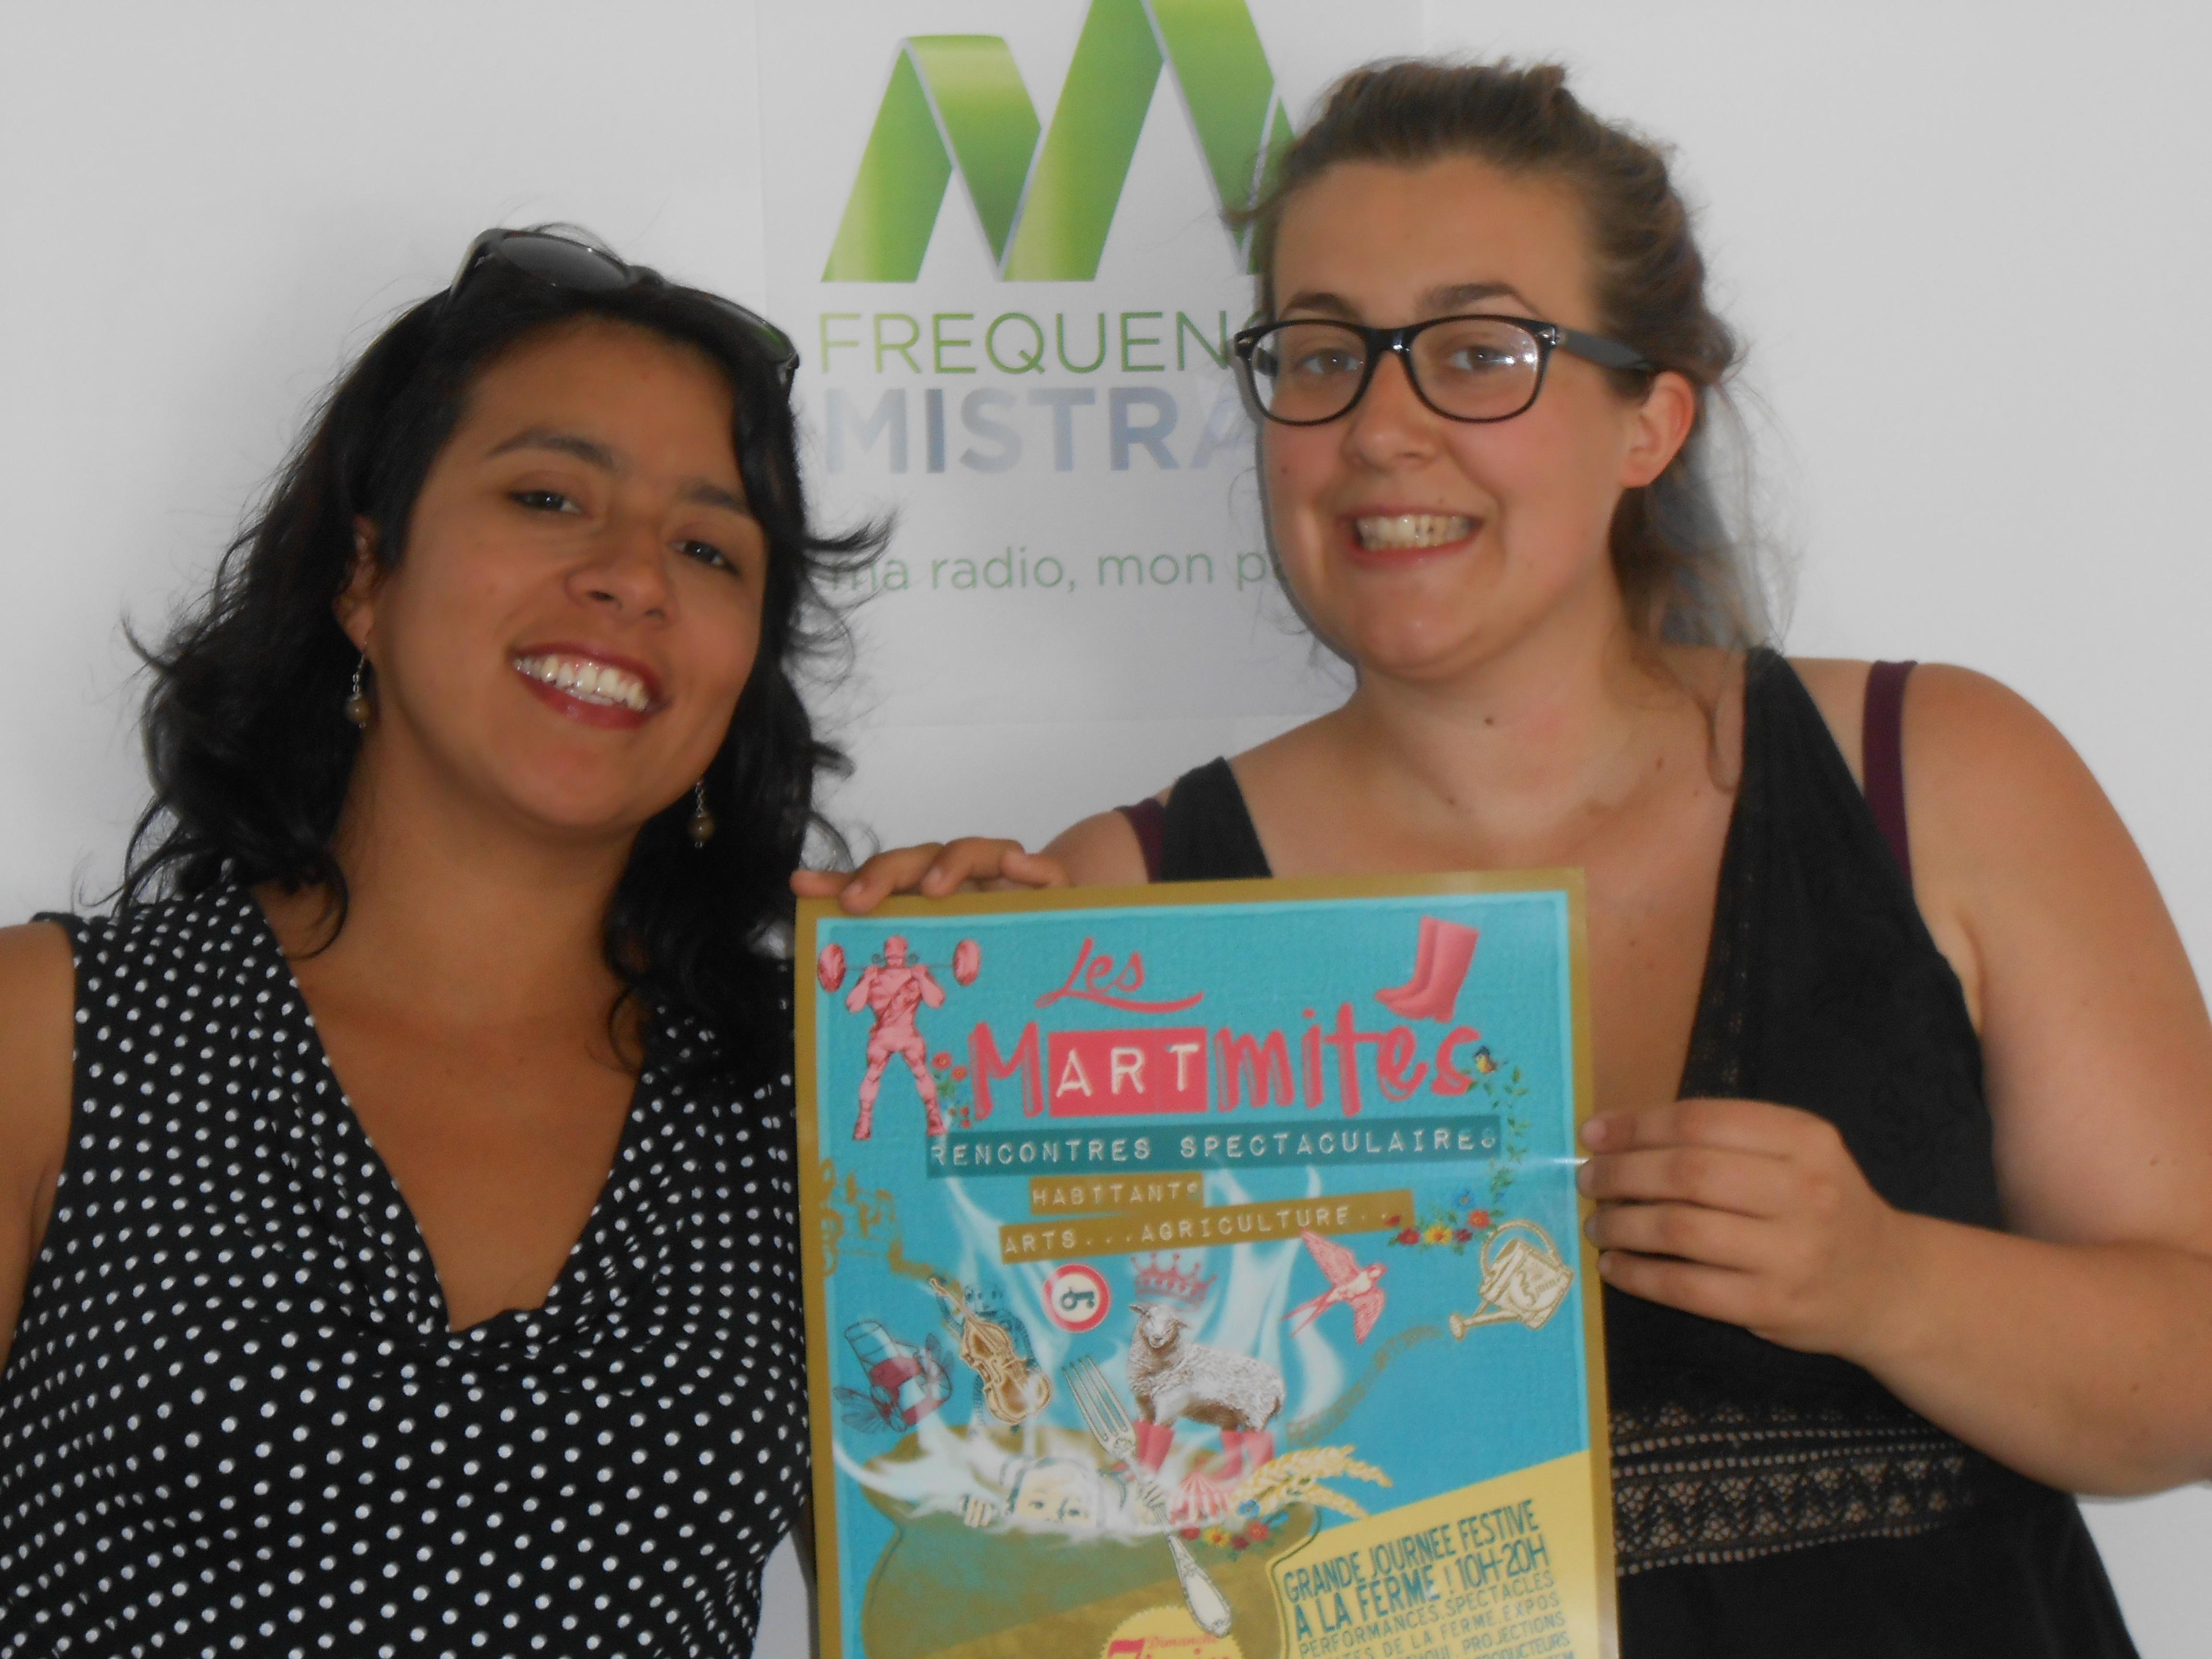 Les mARTmites font mijoter arts, habitants et cultures à Forcalquier